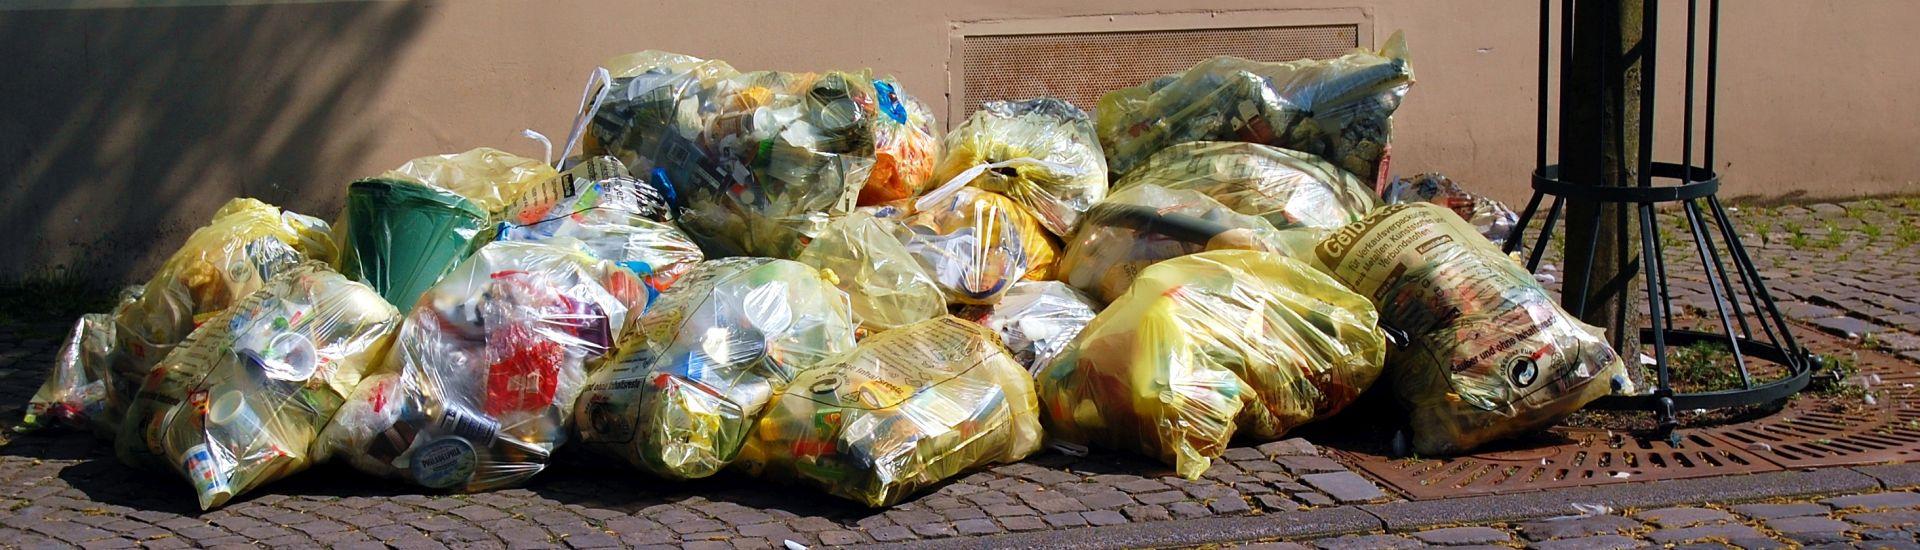 Müllsammlung Gelbe Säcke